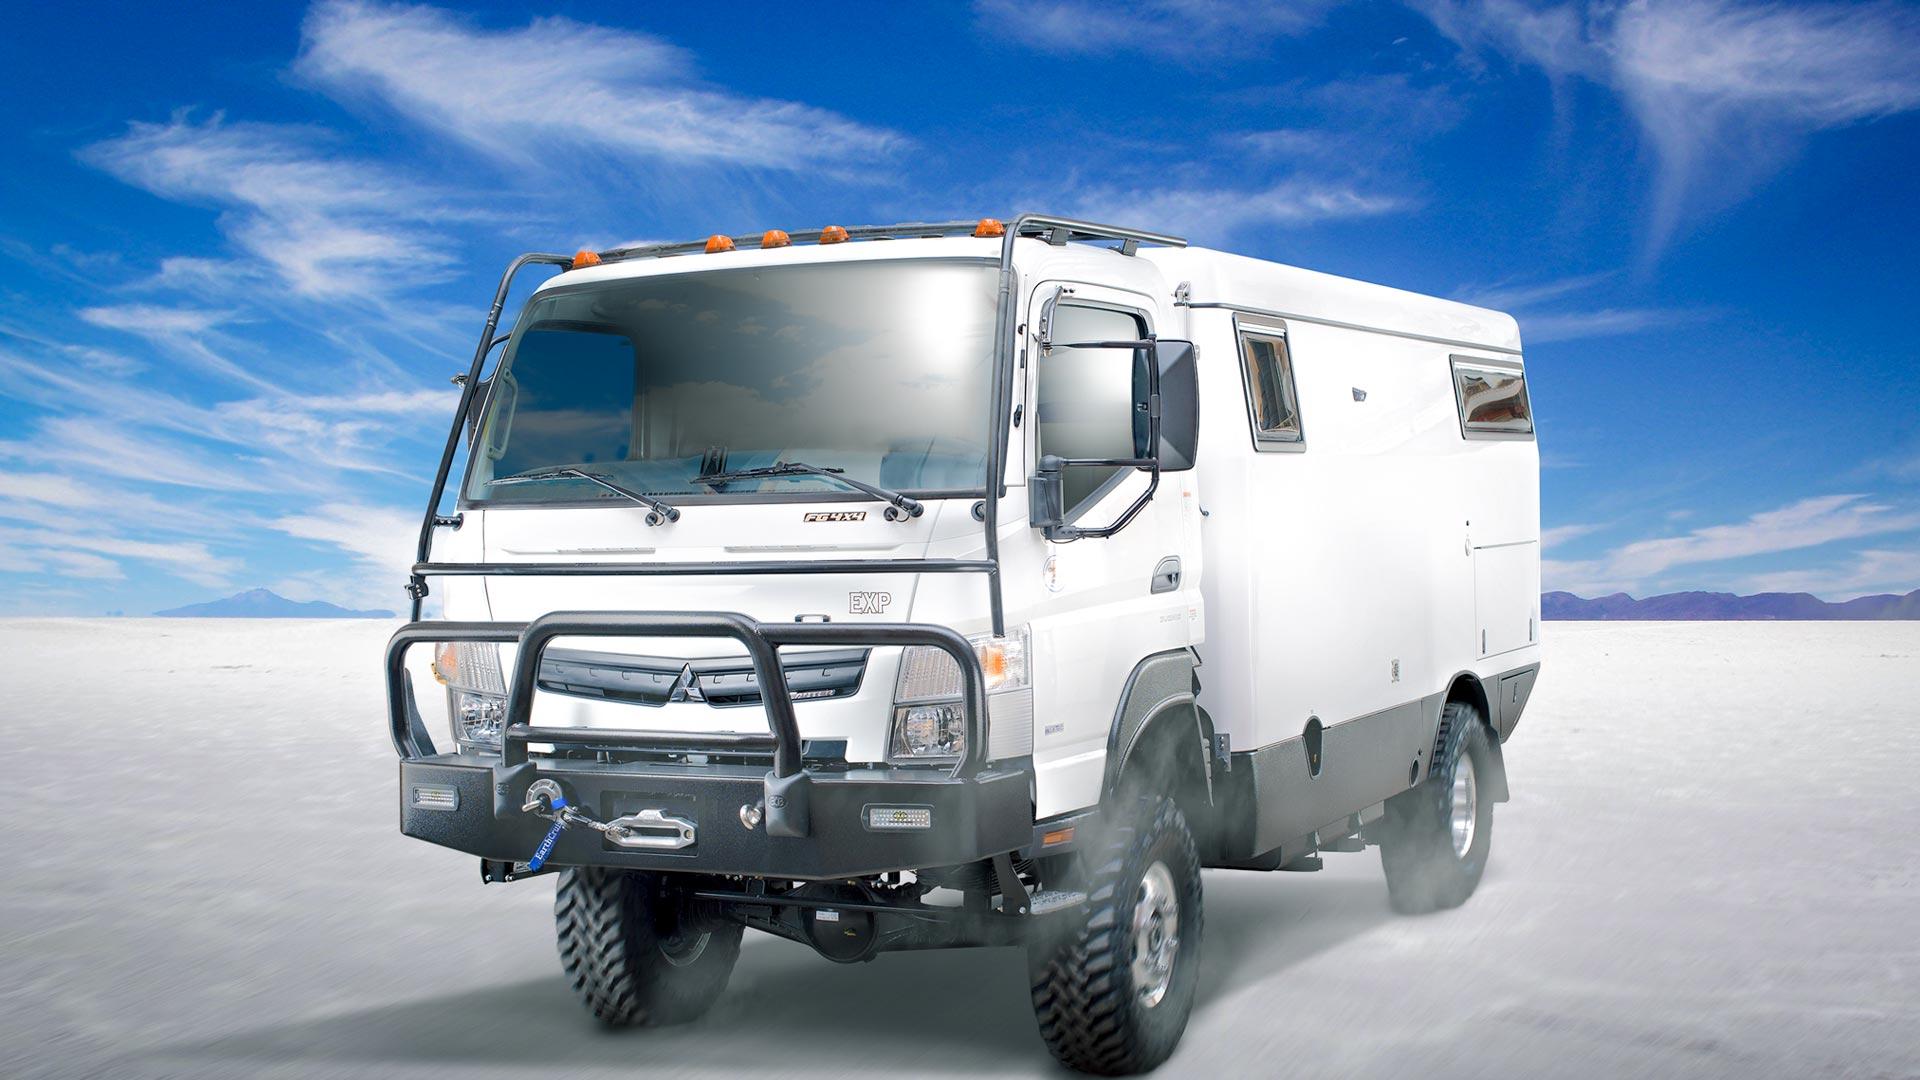 EarthCruiser нуди идеaлно возило за кампување